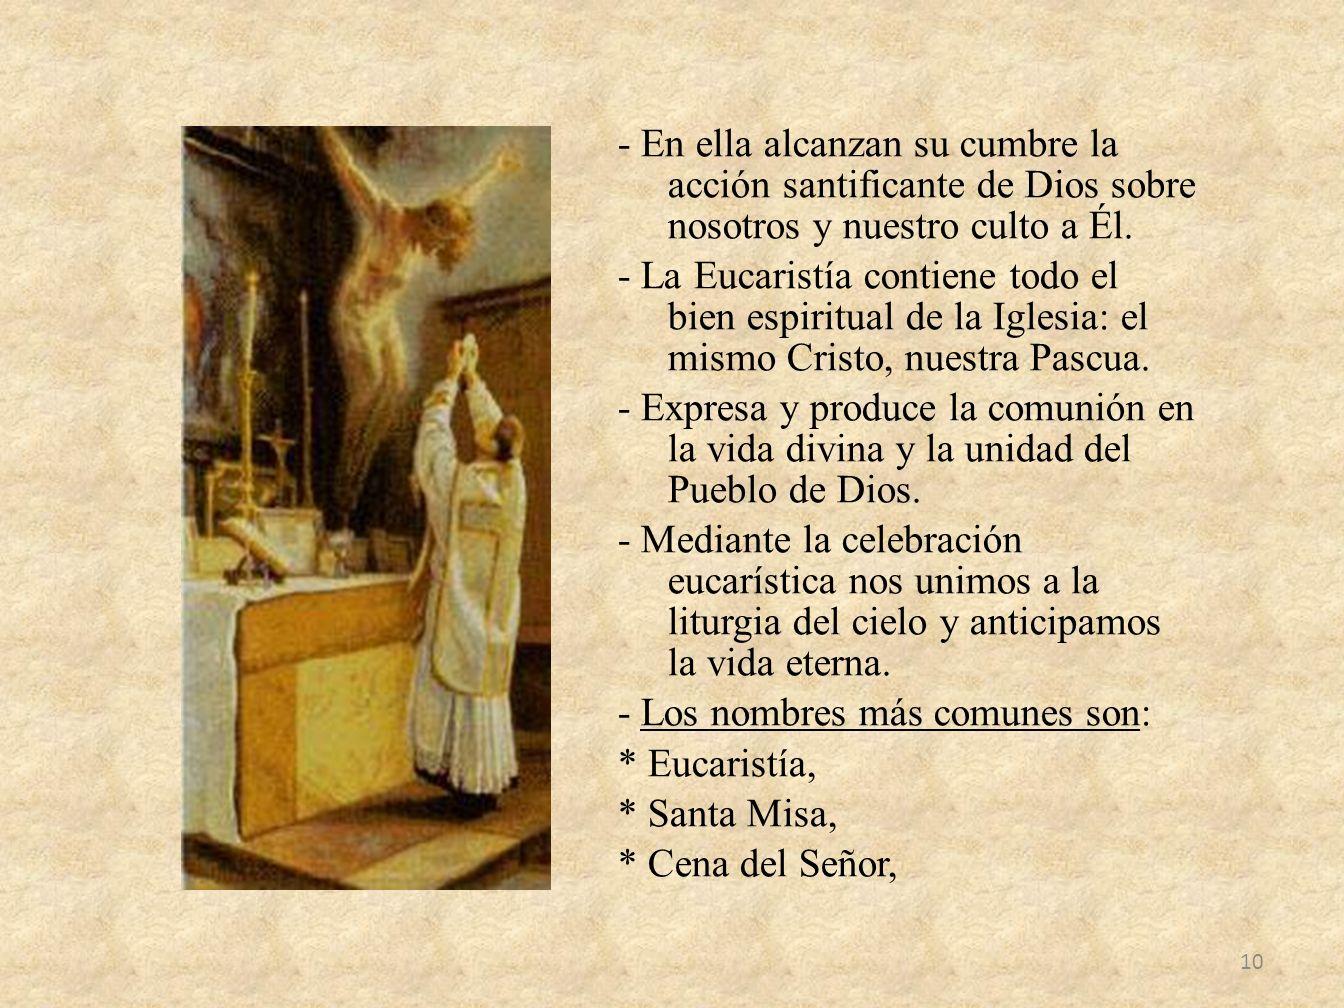 - En ella alcanzan su cumbre la acción santificante de Dios sobre nosotros y nuestro culto a Él.